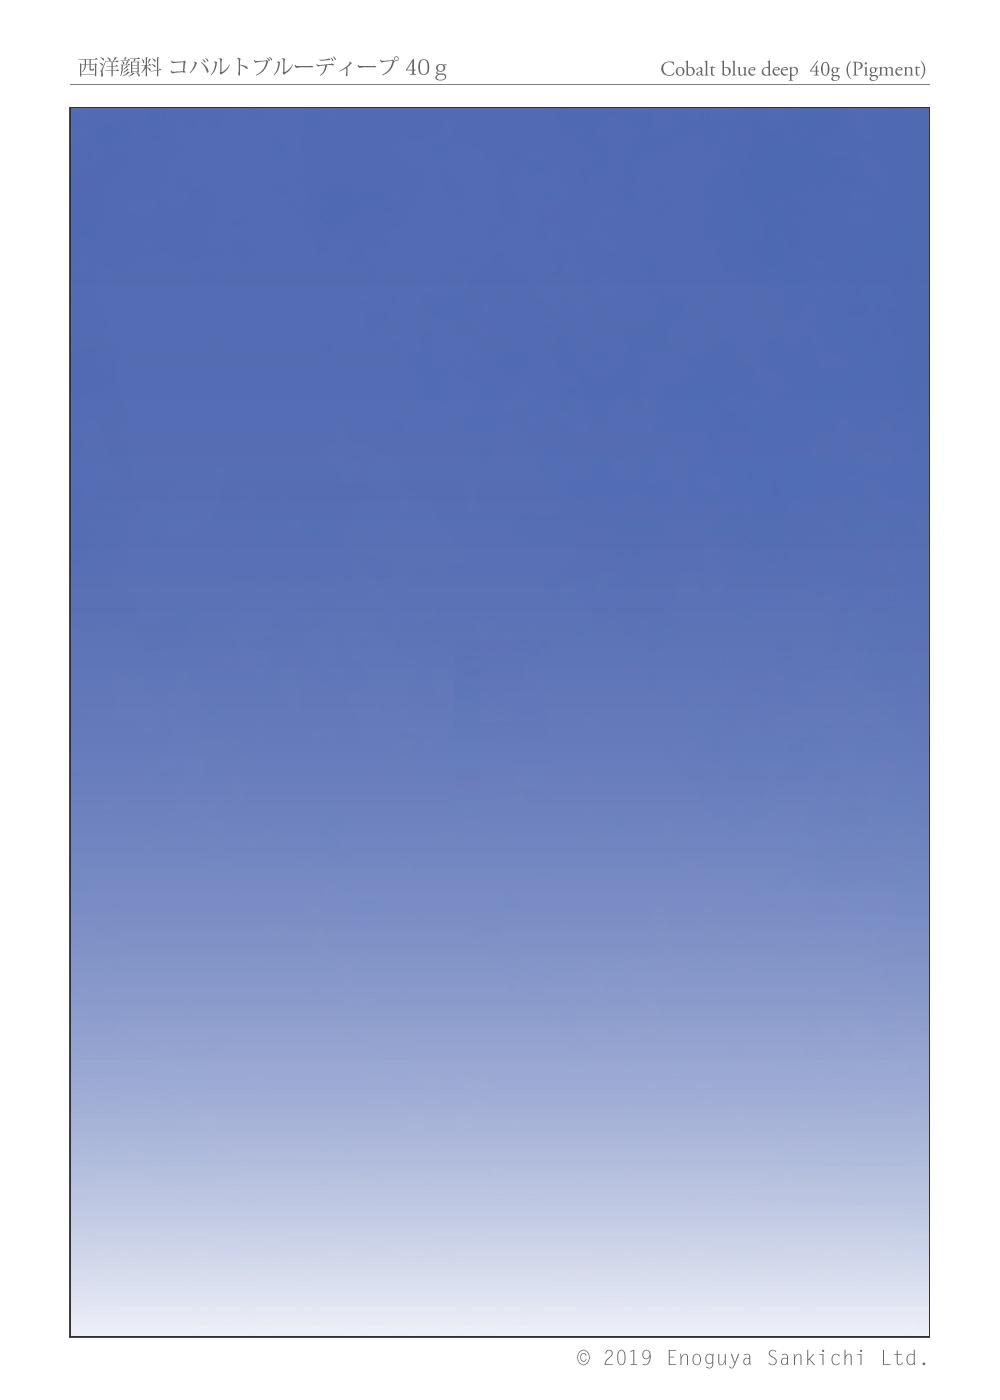 西洋顔料 コバルトブルーディープ 40g